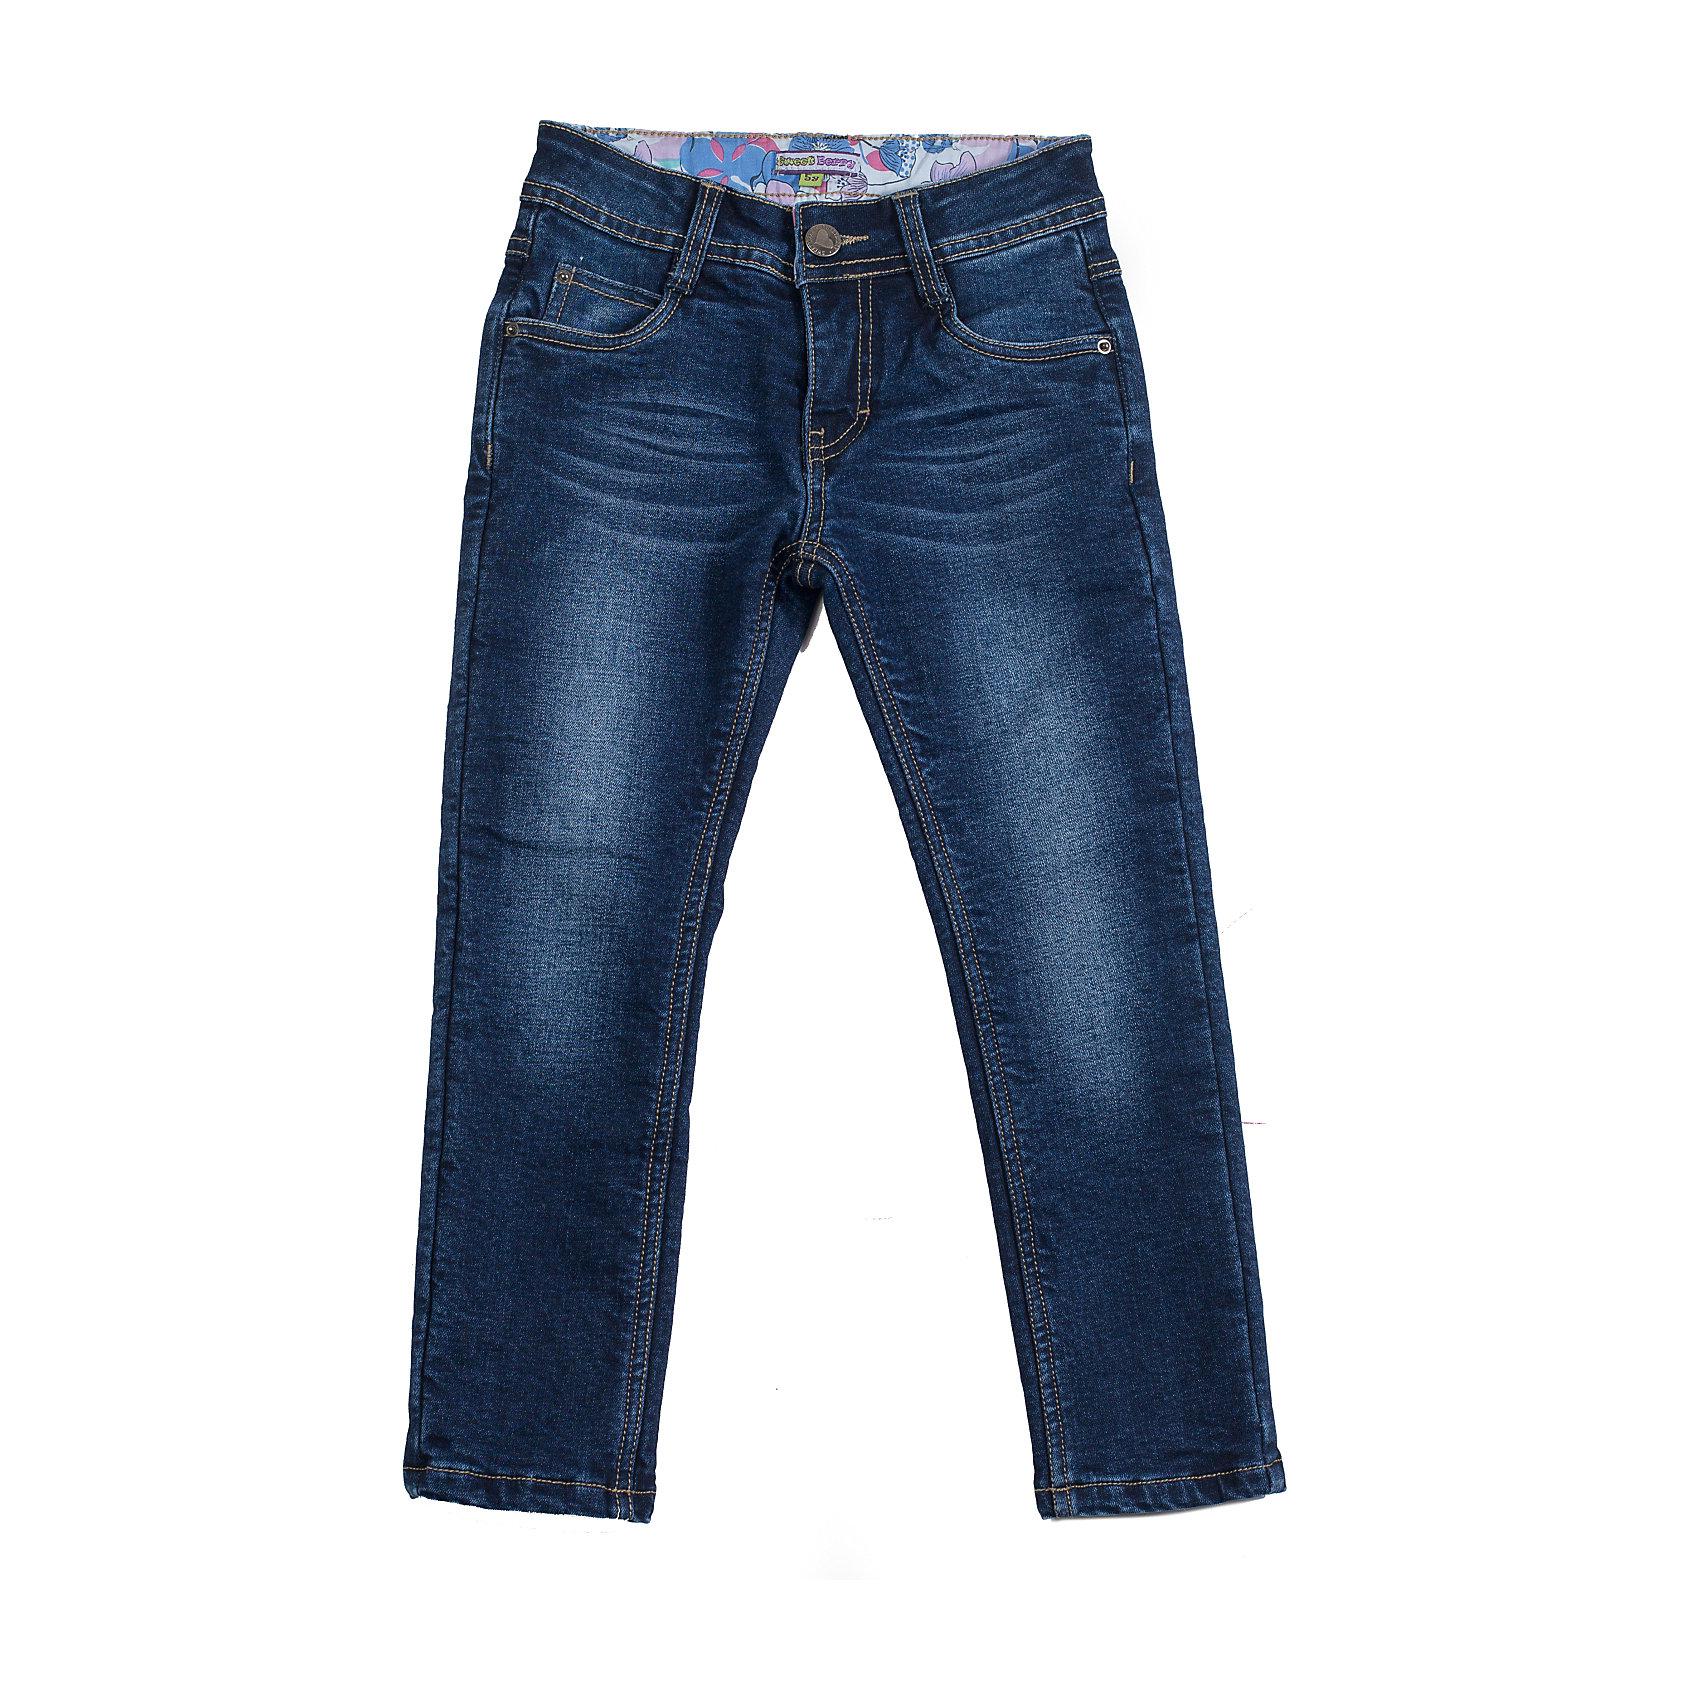 Джинсы для девочки Sweet BerryДжинсы<br>Базовые джинсы на девочку, застежка на пуговицу и молнию, декорированы эффектом потертости. Отличное решение на каждый день.<br>Состав:<br>Верх: 98% хлопок, 2% эластан, Подкладка 100% хлопок<br><br>Ширина мм: 215<br>Глубина мм: 88<br>Высота мм: 191<br>Вес г: 336<br>Цвет: синий<br>Возраст от месяцев: 24<br>Возраст до месяцев: 36<br>Пол: Женский<br>Возраст: Детский<br>Размер: 98,104,128,122,116,110<br>SKU: 4272854